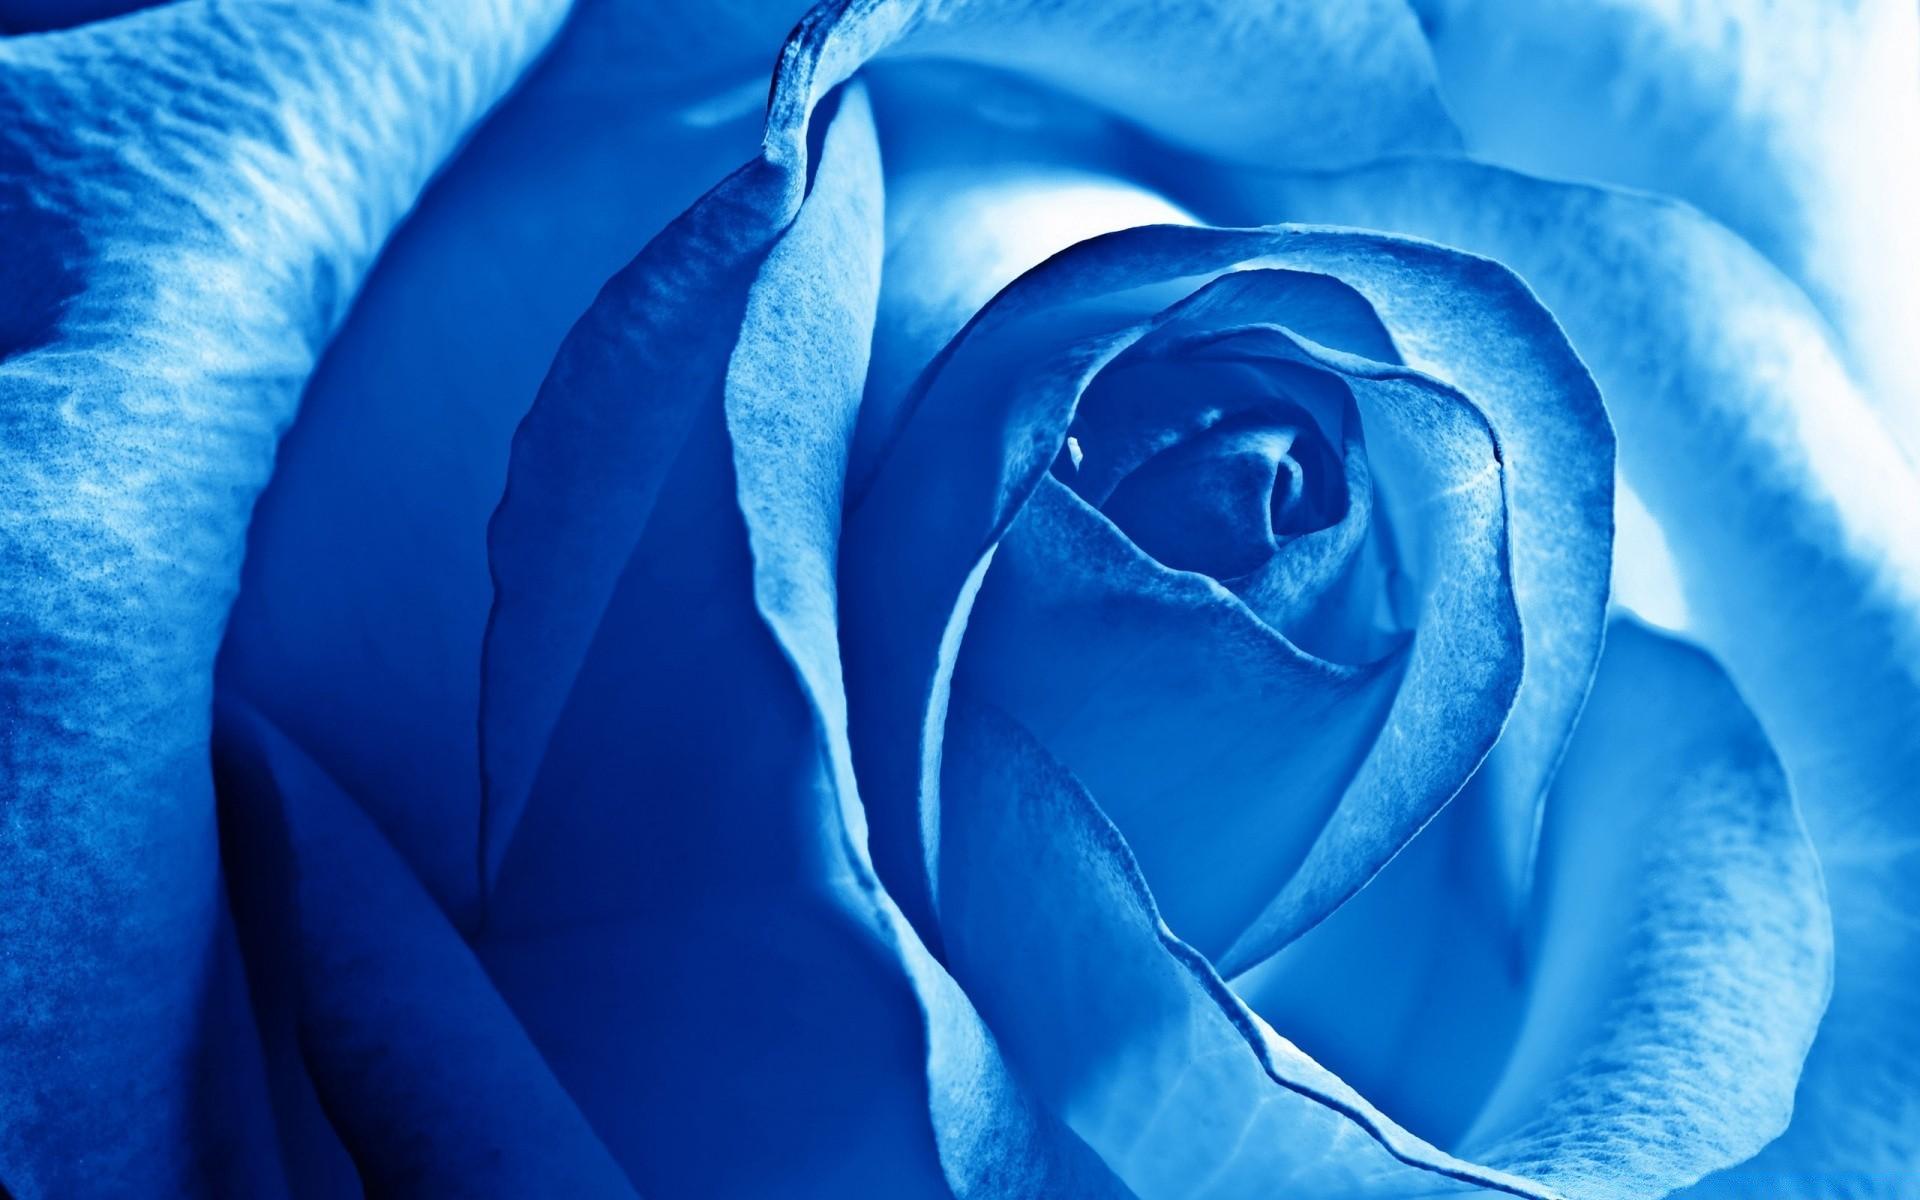 Картинки синего цвета на телефон, для ссылок